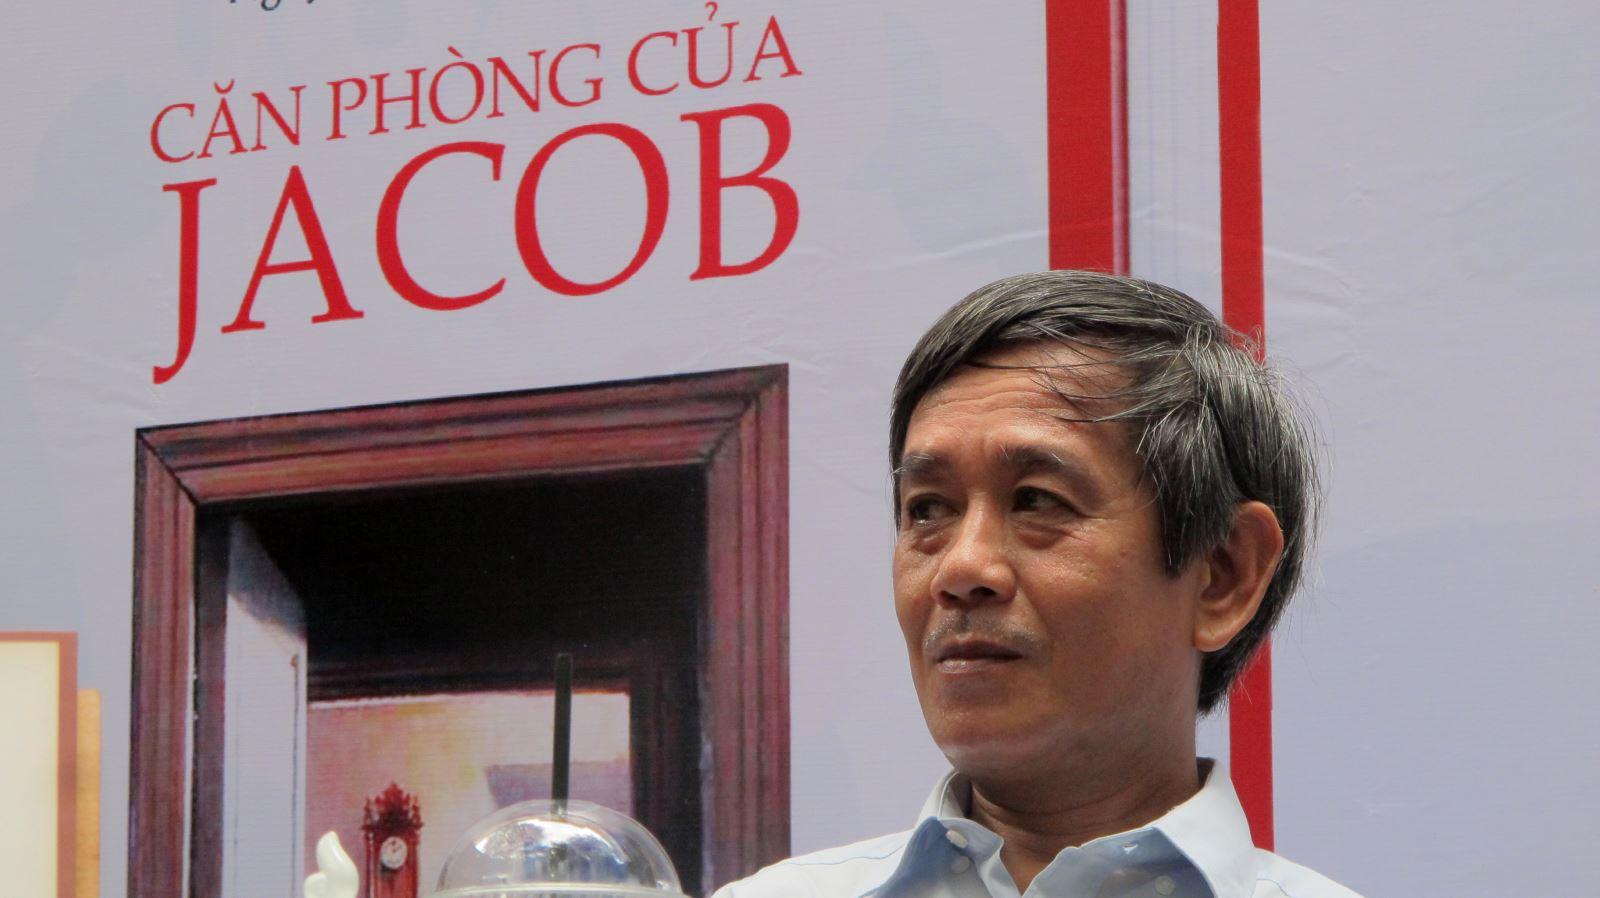 Nhà văn Nguyễn Thành Nhân hôm 31/3/2019 tại Đường sách TP.HCM. Ảnh: Văn Bảy